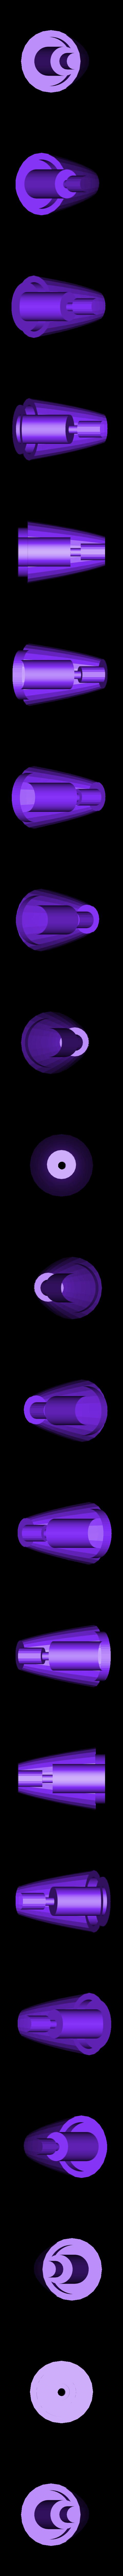 3soportelampara.stl Télécharger fichier STL gratuit litophane Leia Organa • Design à imprimer en 3D, 3dlito